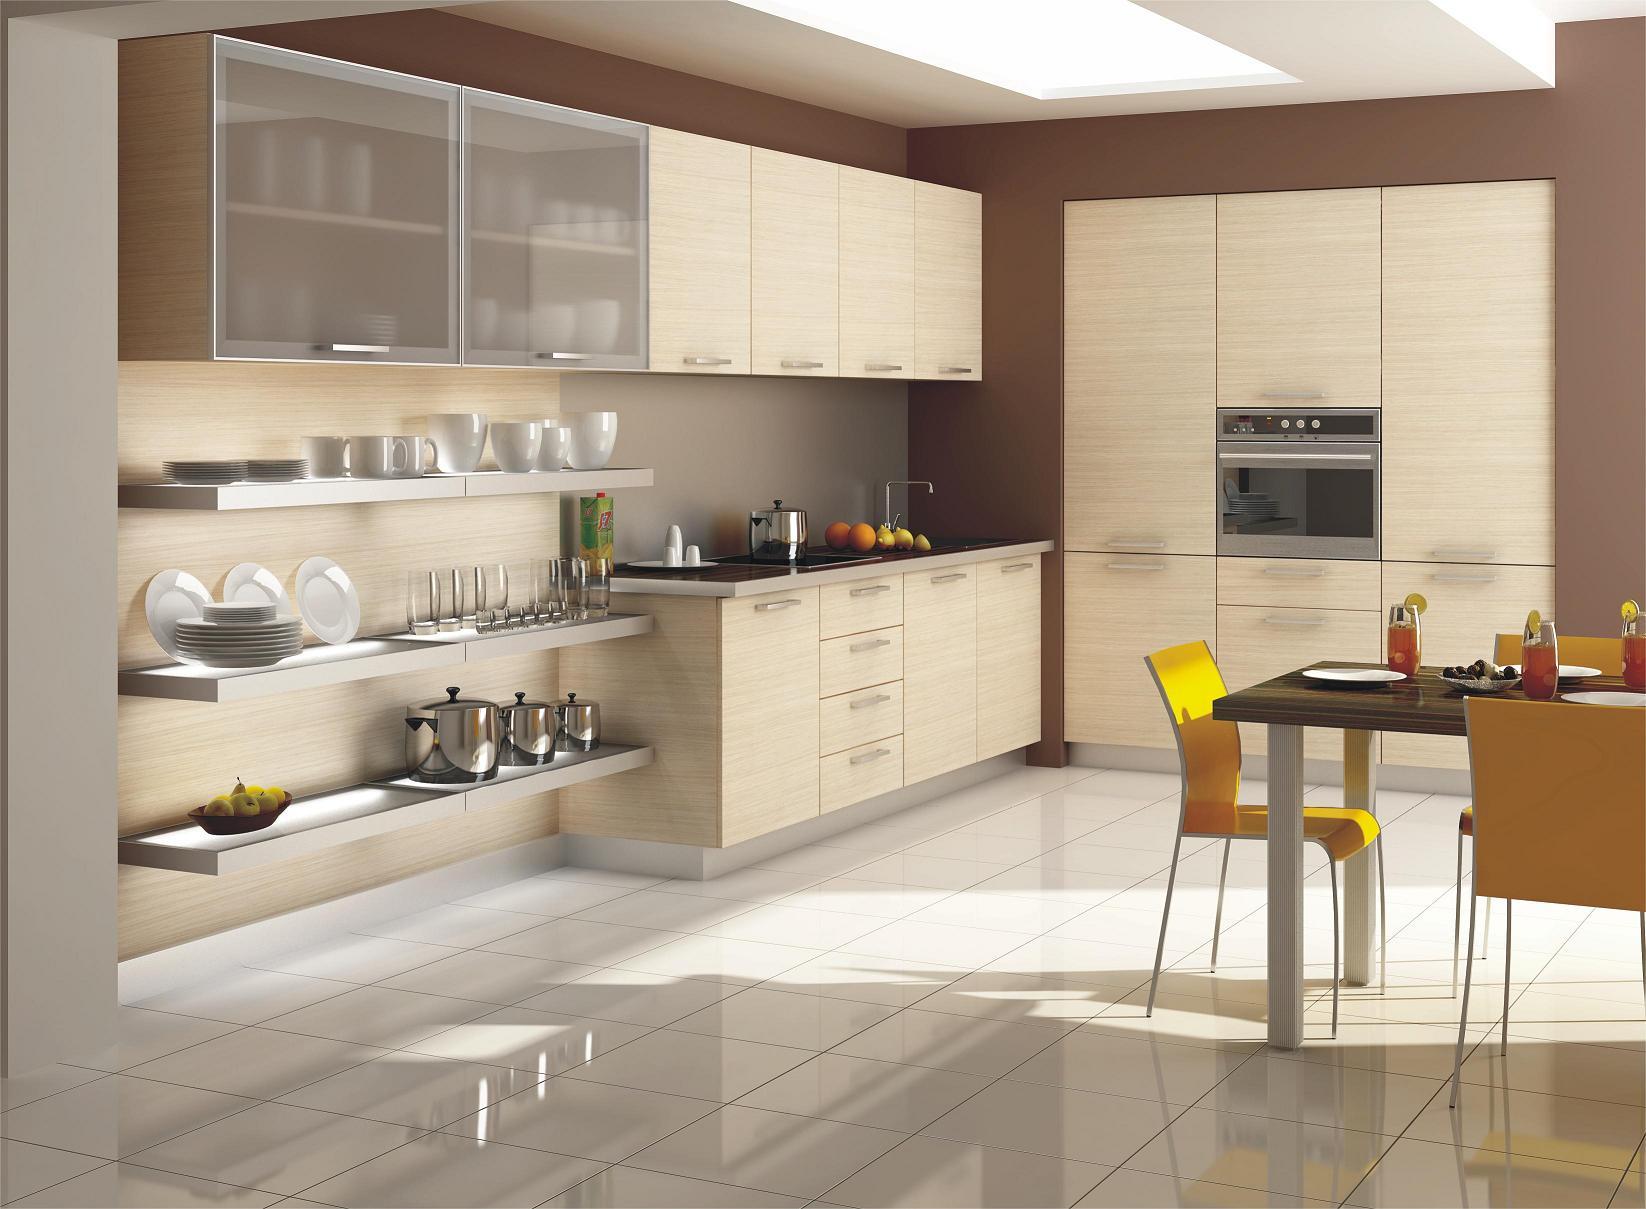 Бежевый, коричневый, белый и желтый цвета в интерьере кухни